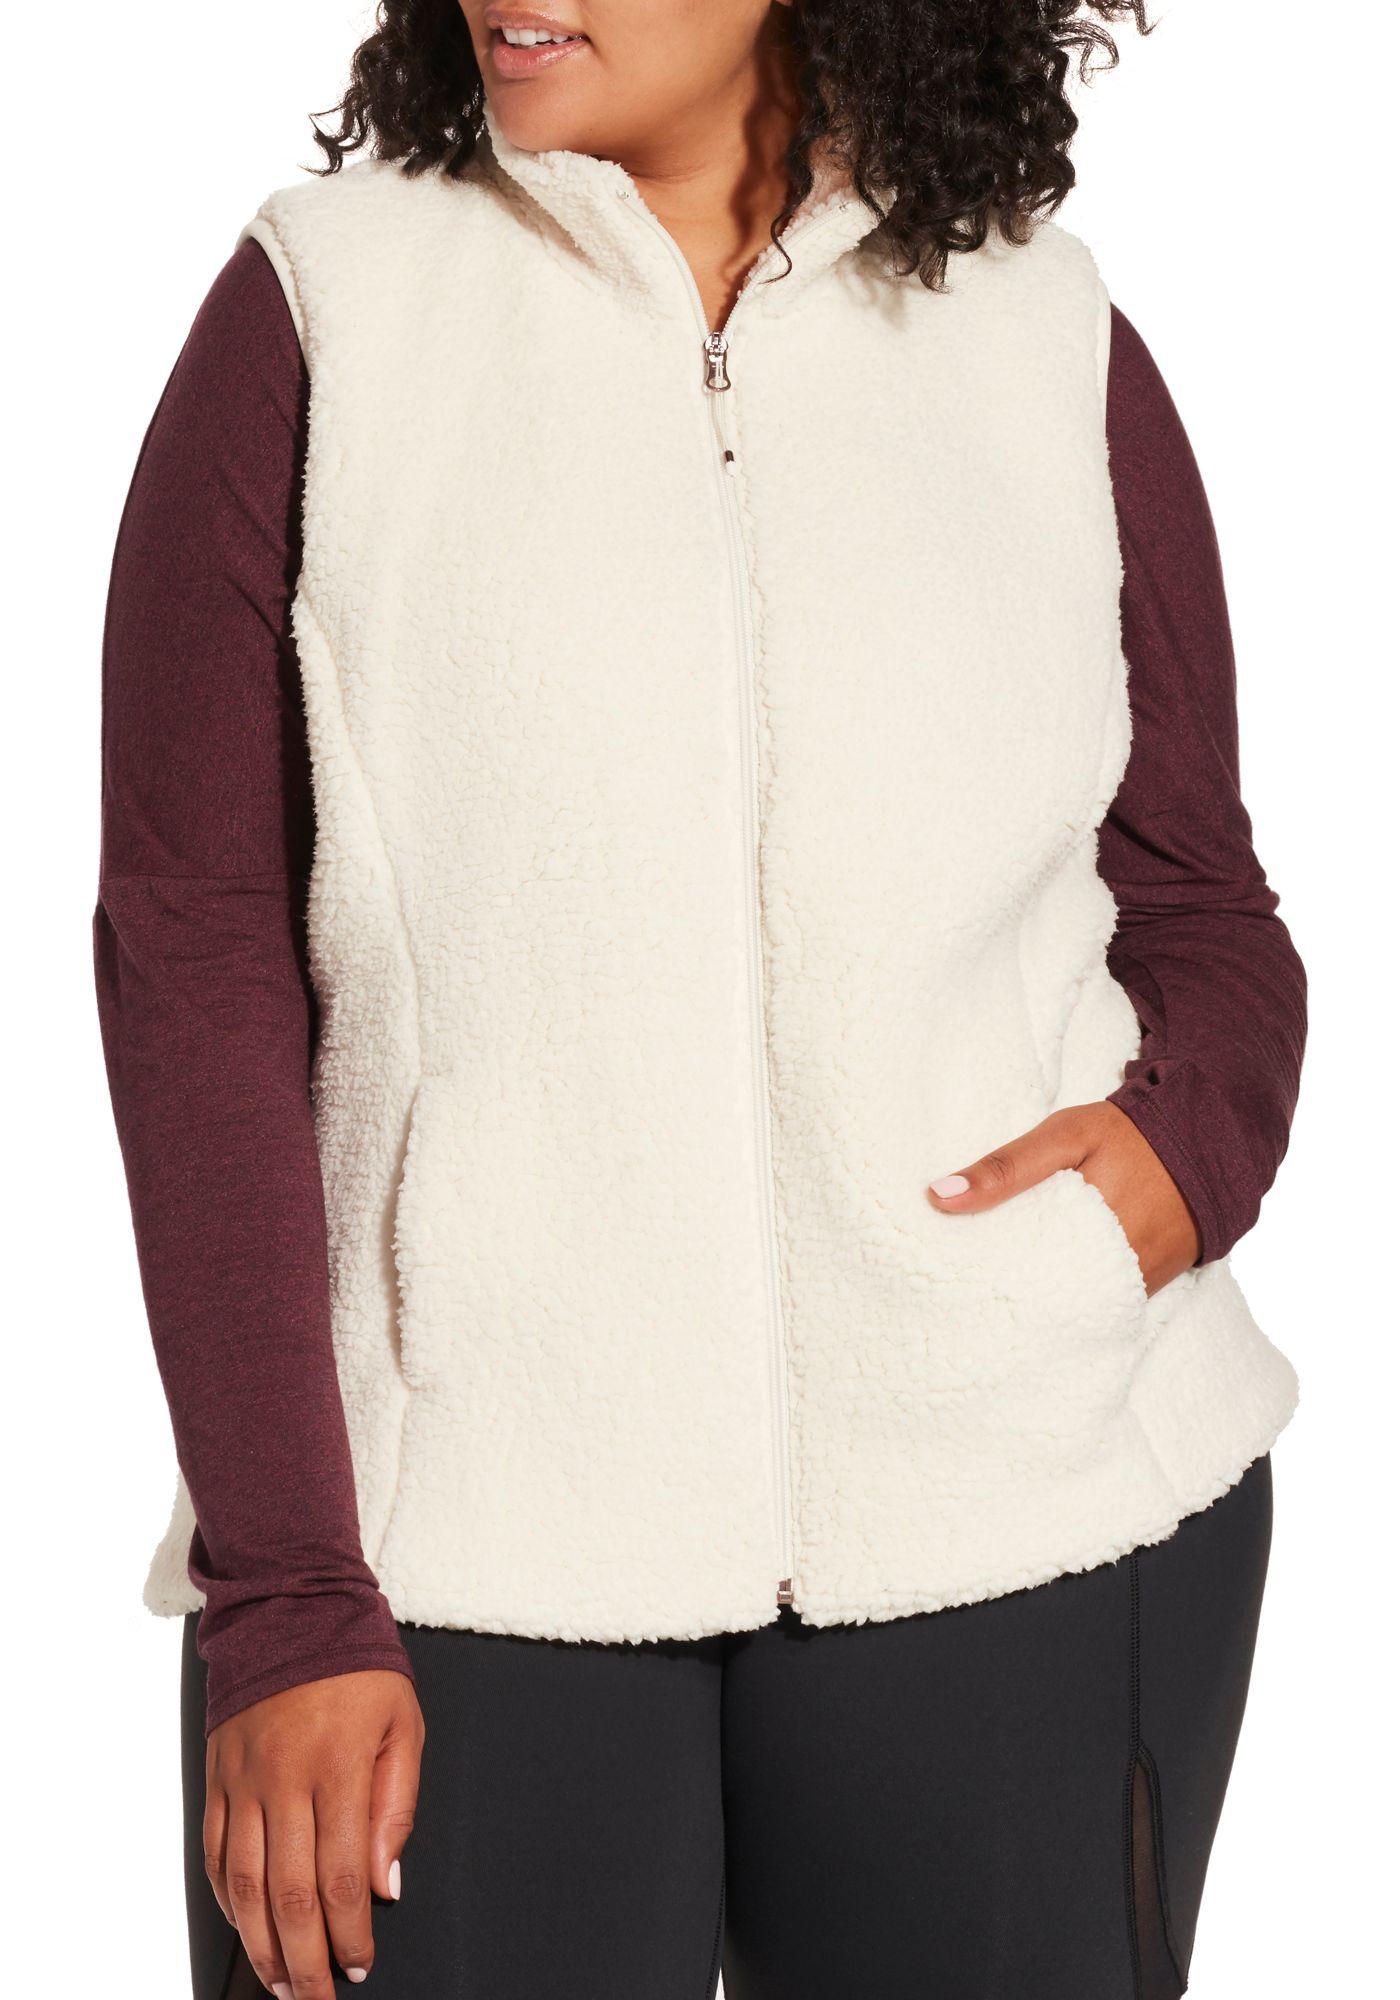 CALIA by Carrie Underwood Women's Plus Size Sherpa Vest